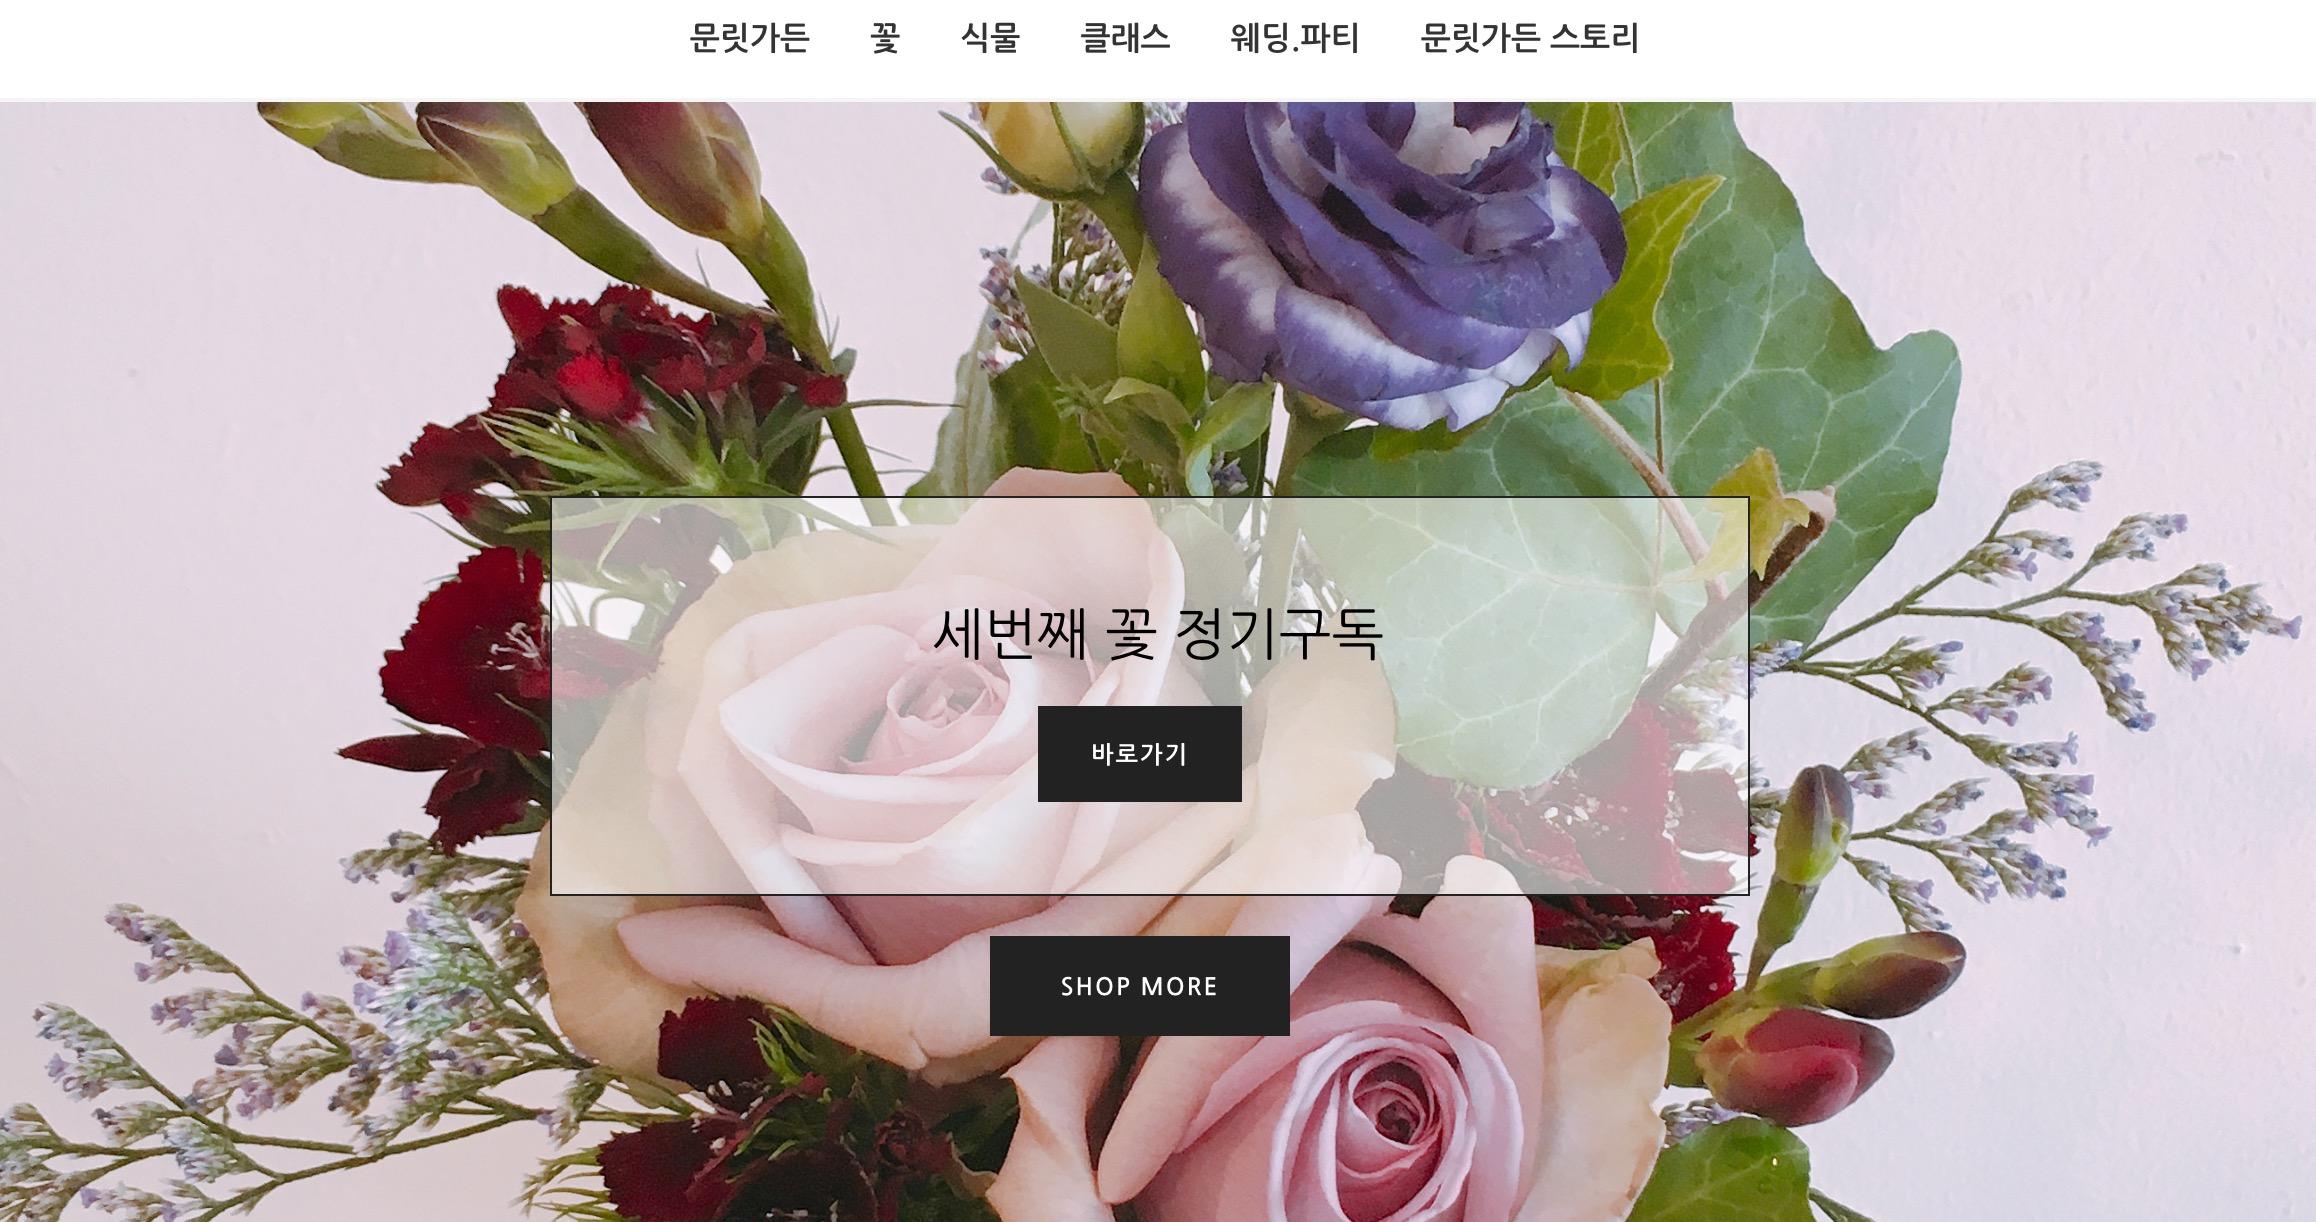 워드프레스 정기결제 사례 꽃배달 사이트 화면